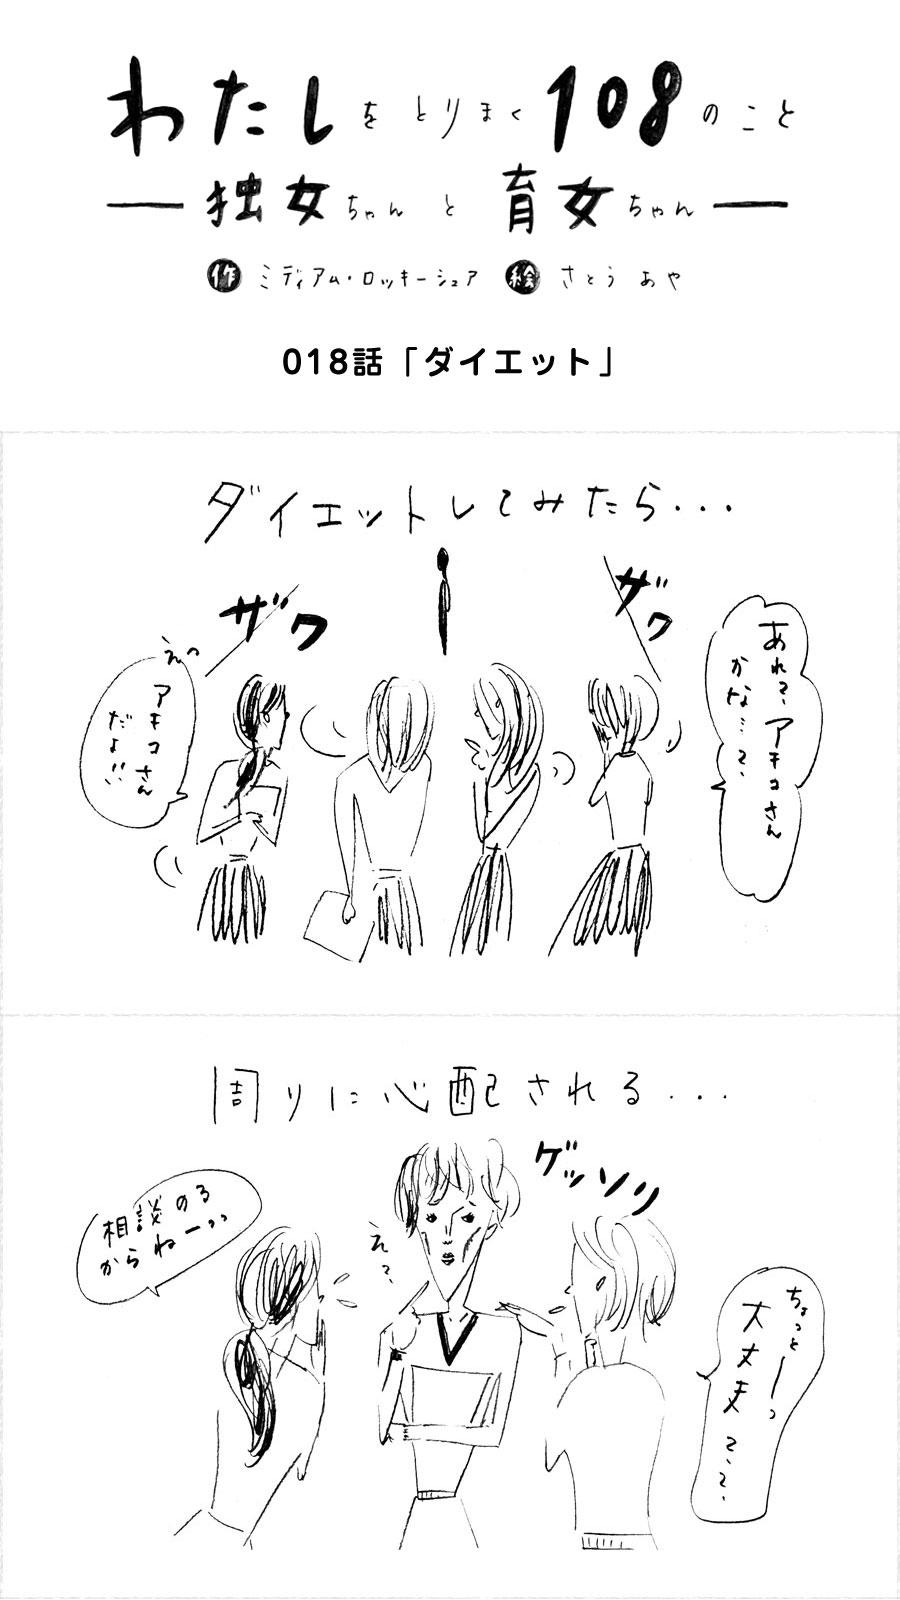 018_独女ちゃん_ダイエット_001